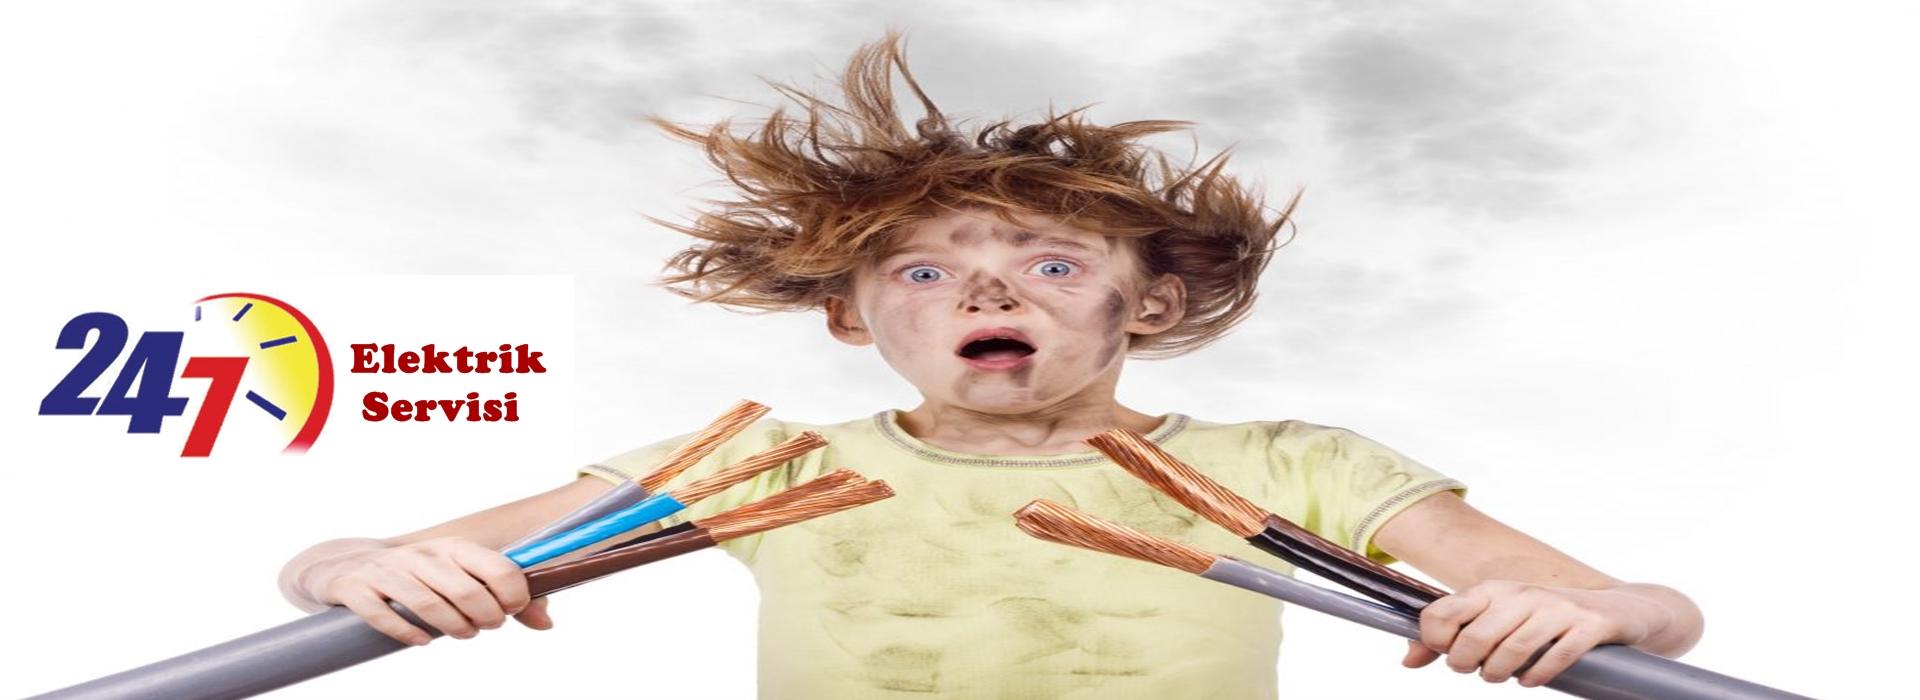 İstoç Elektrikçi